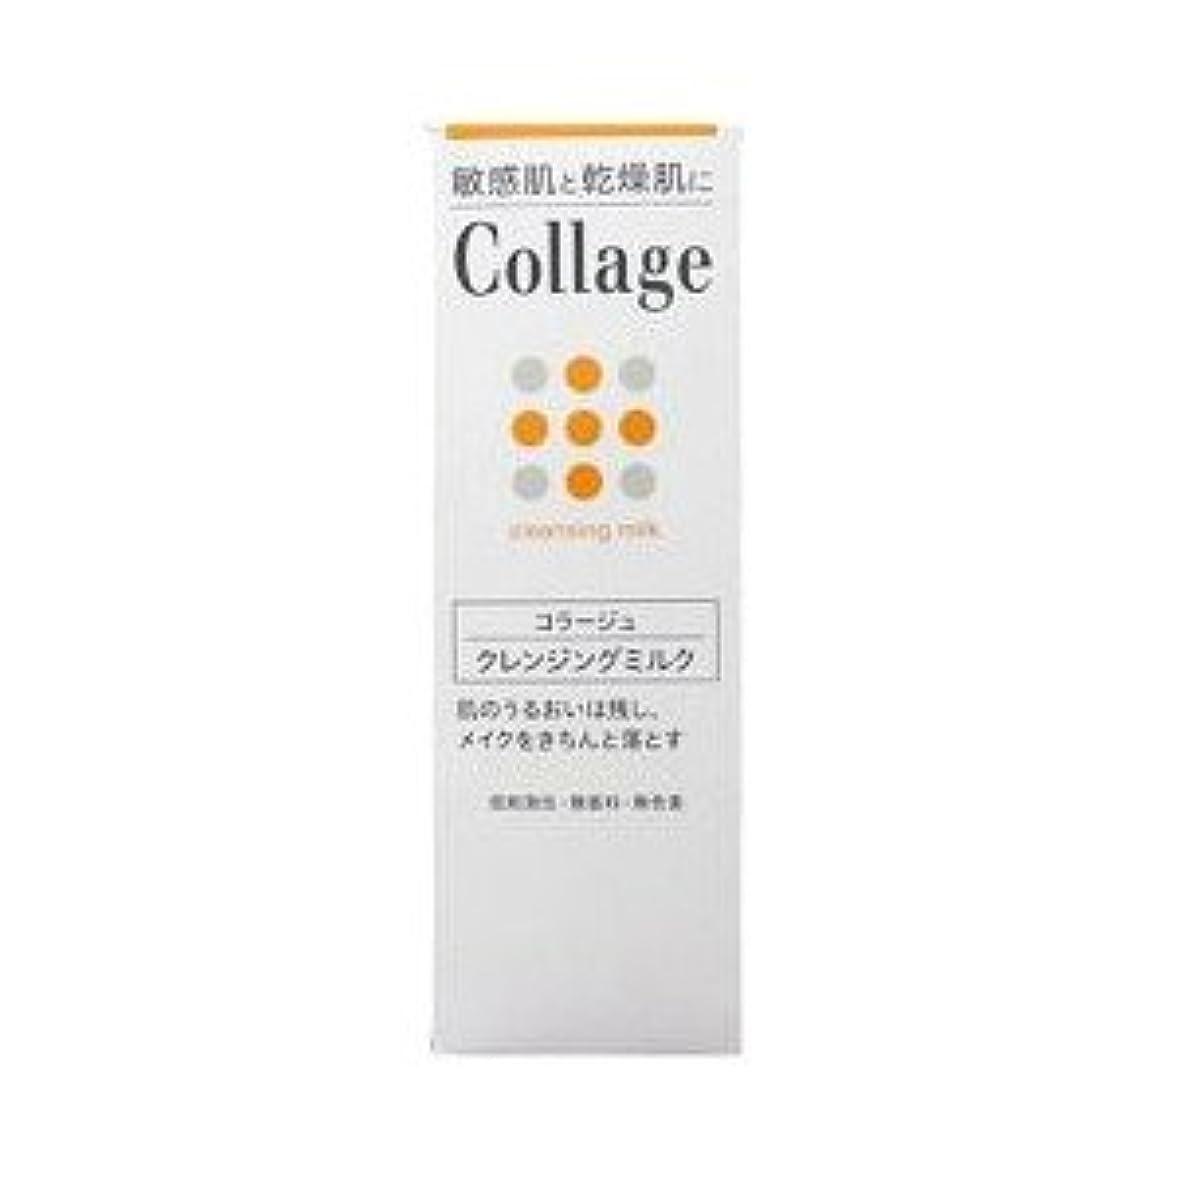 ボイコットチョップオンス(持田ヘルスケア)コラージュ クレンジングミルク 100g(お買い得3個セット)